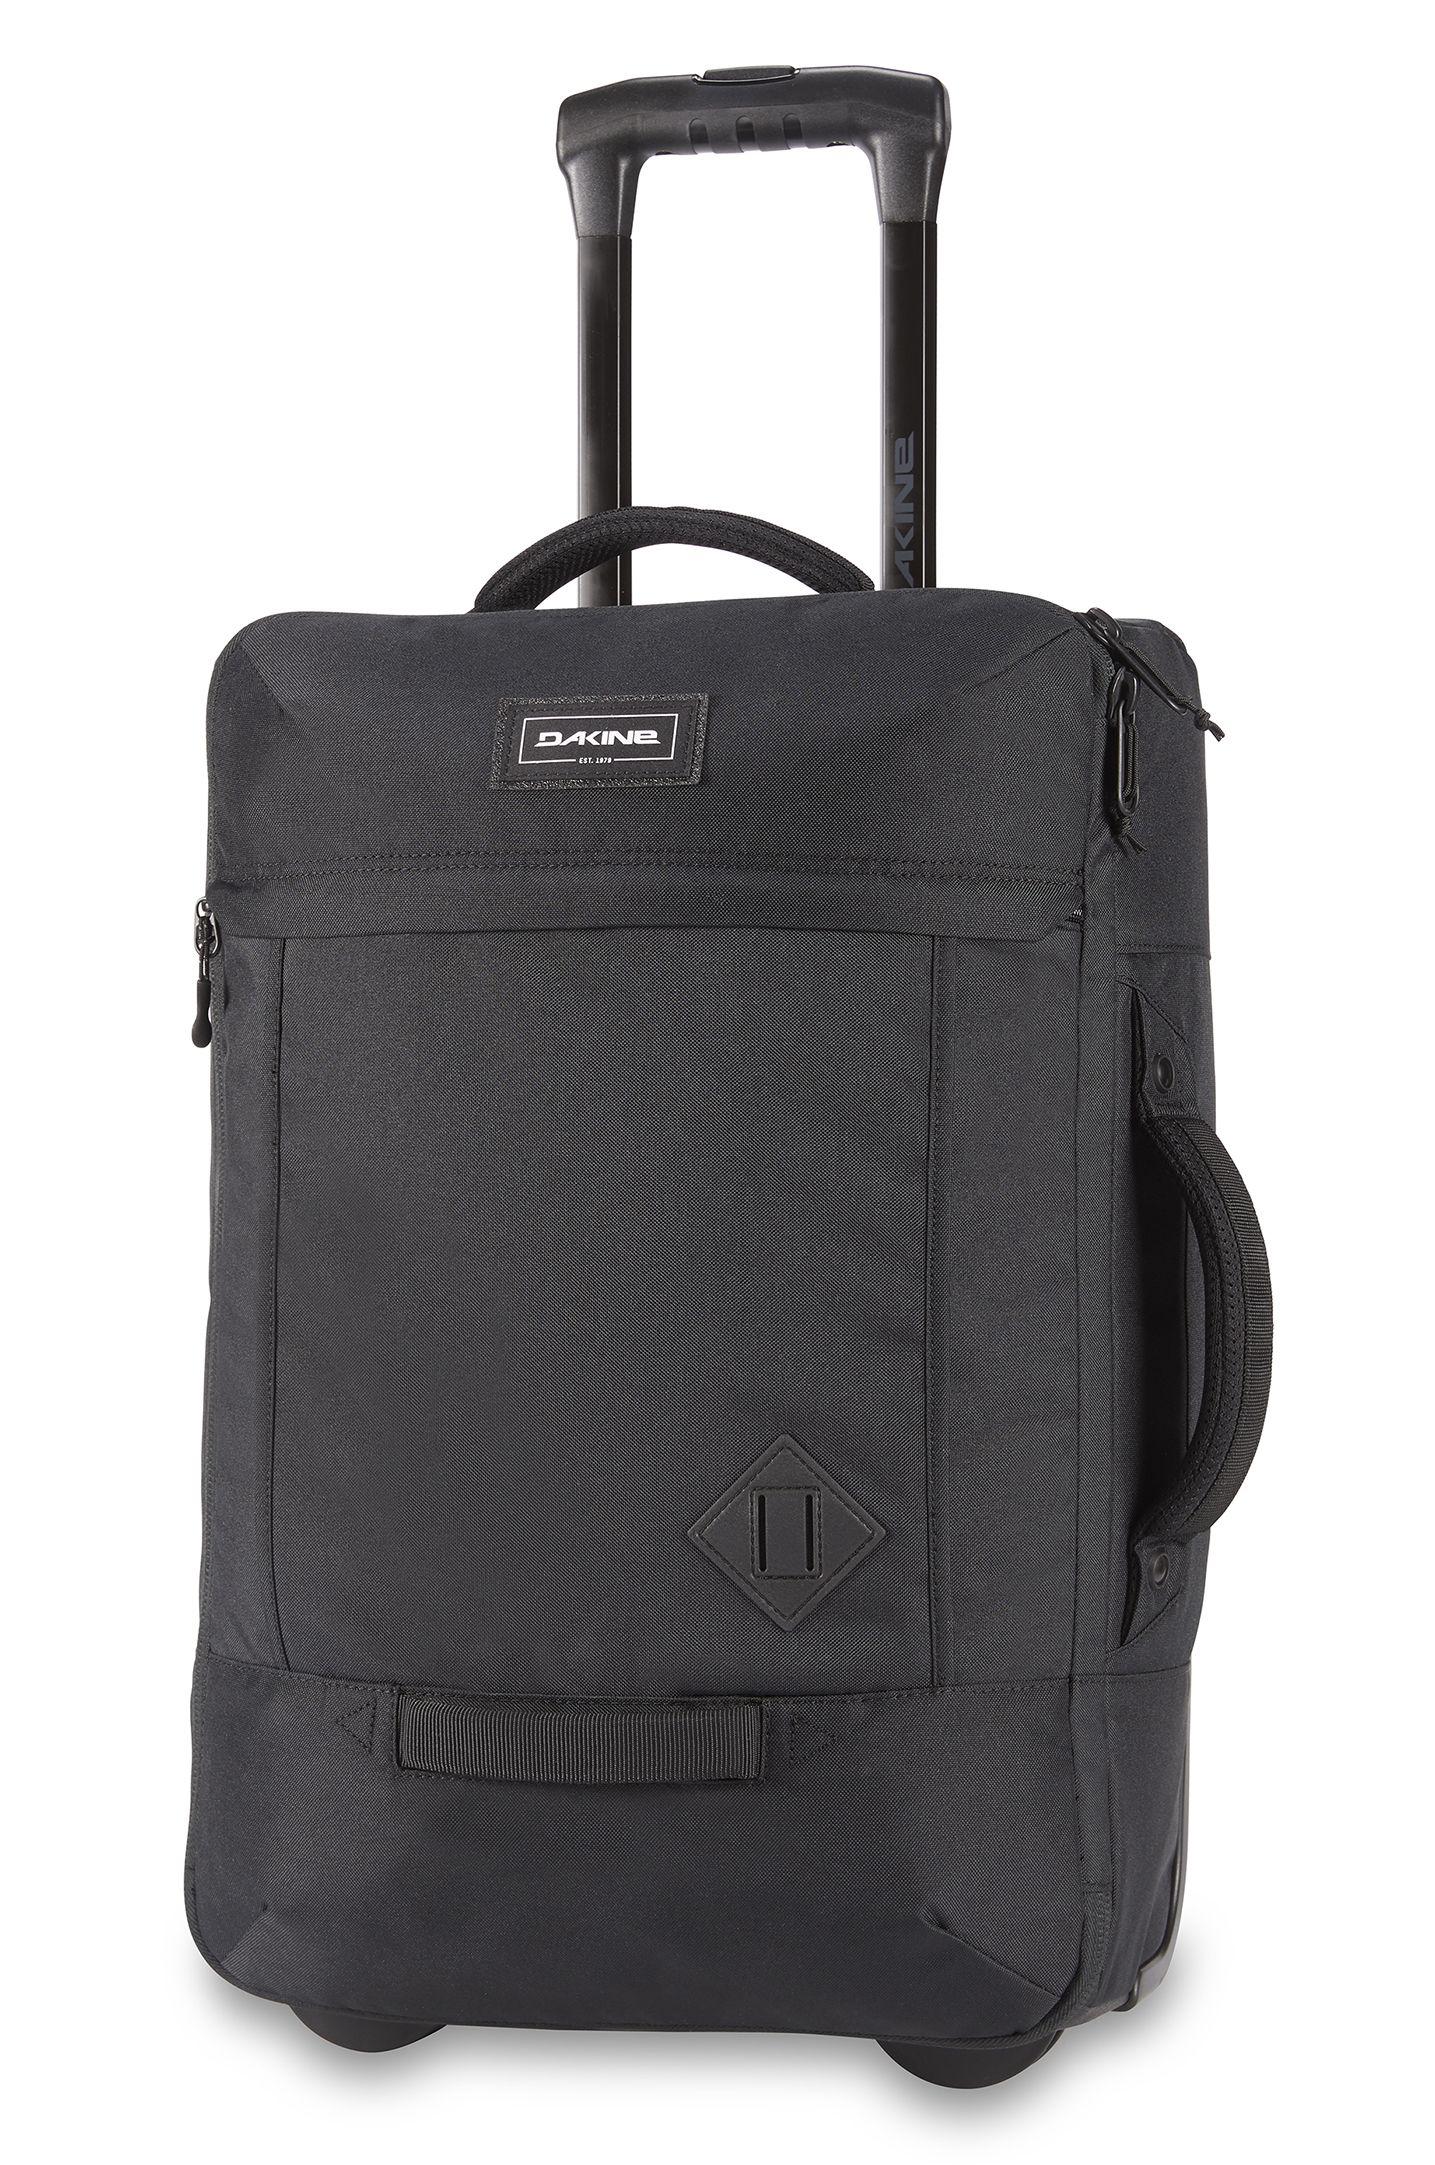 Dakine Travelbag 365 CARRY ON ROLLER 40L Black